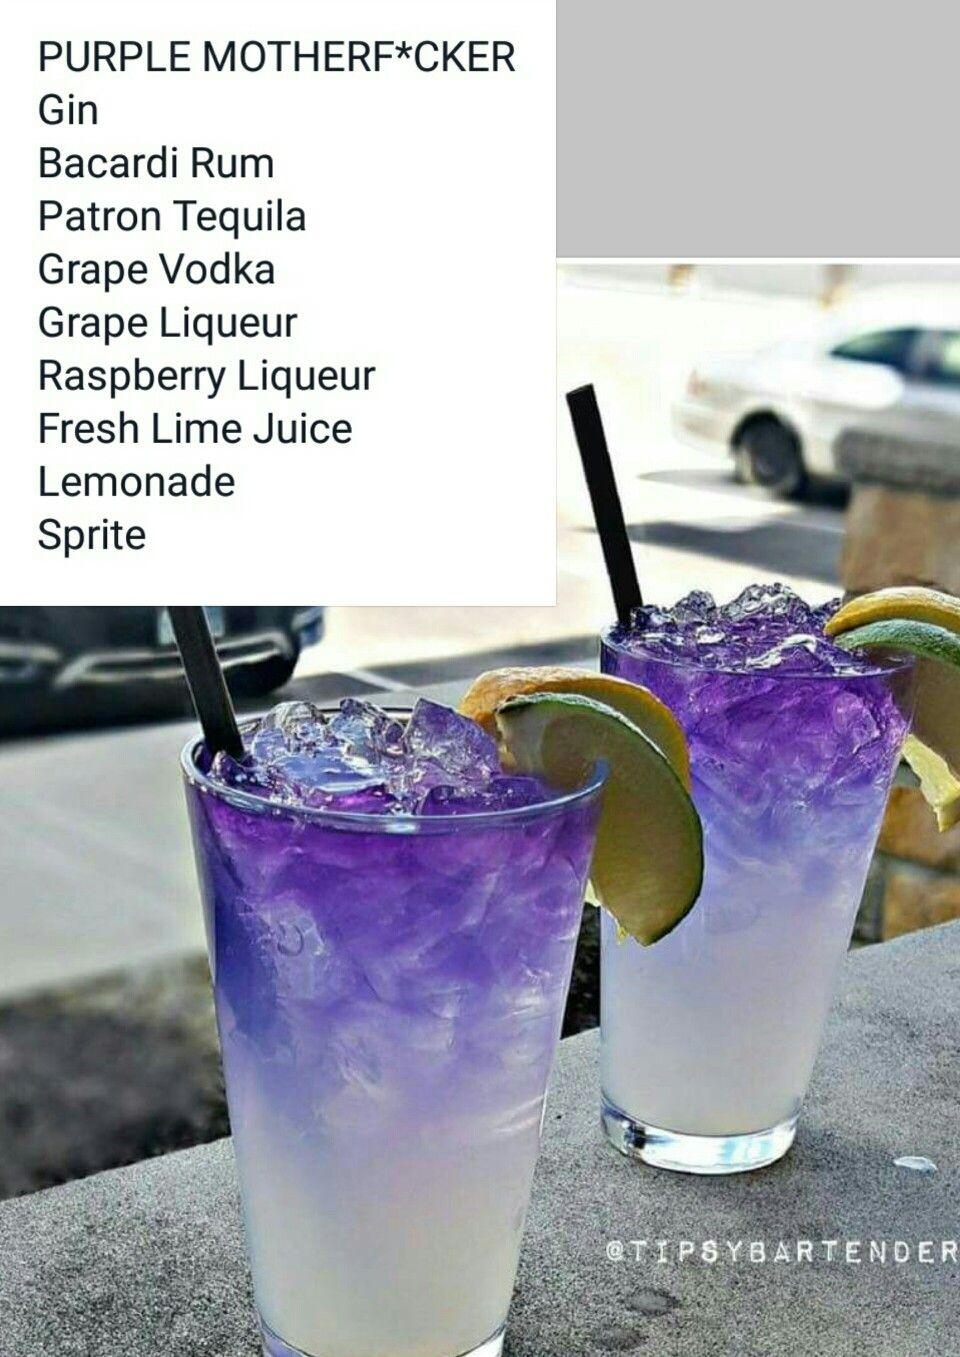 безалкогольные коктейли рецепты для бара с фото самых